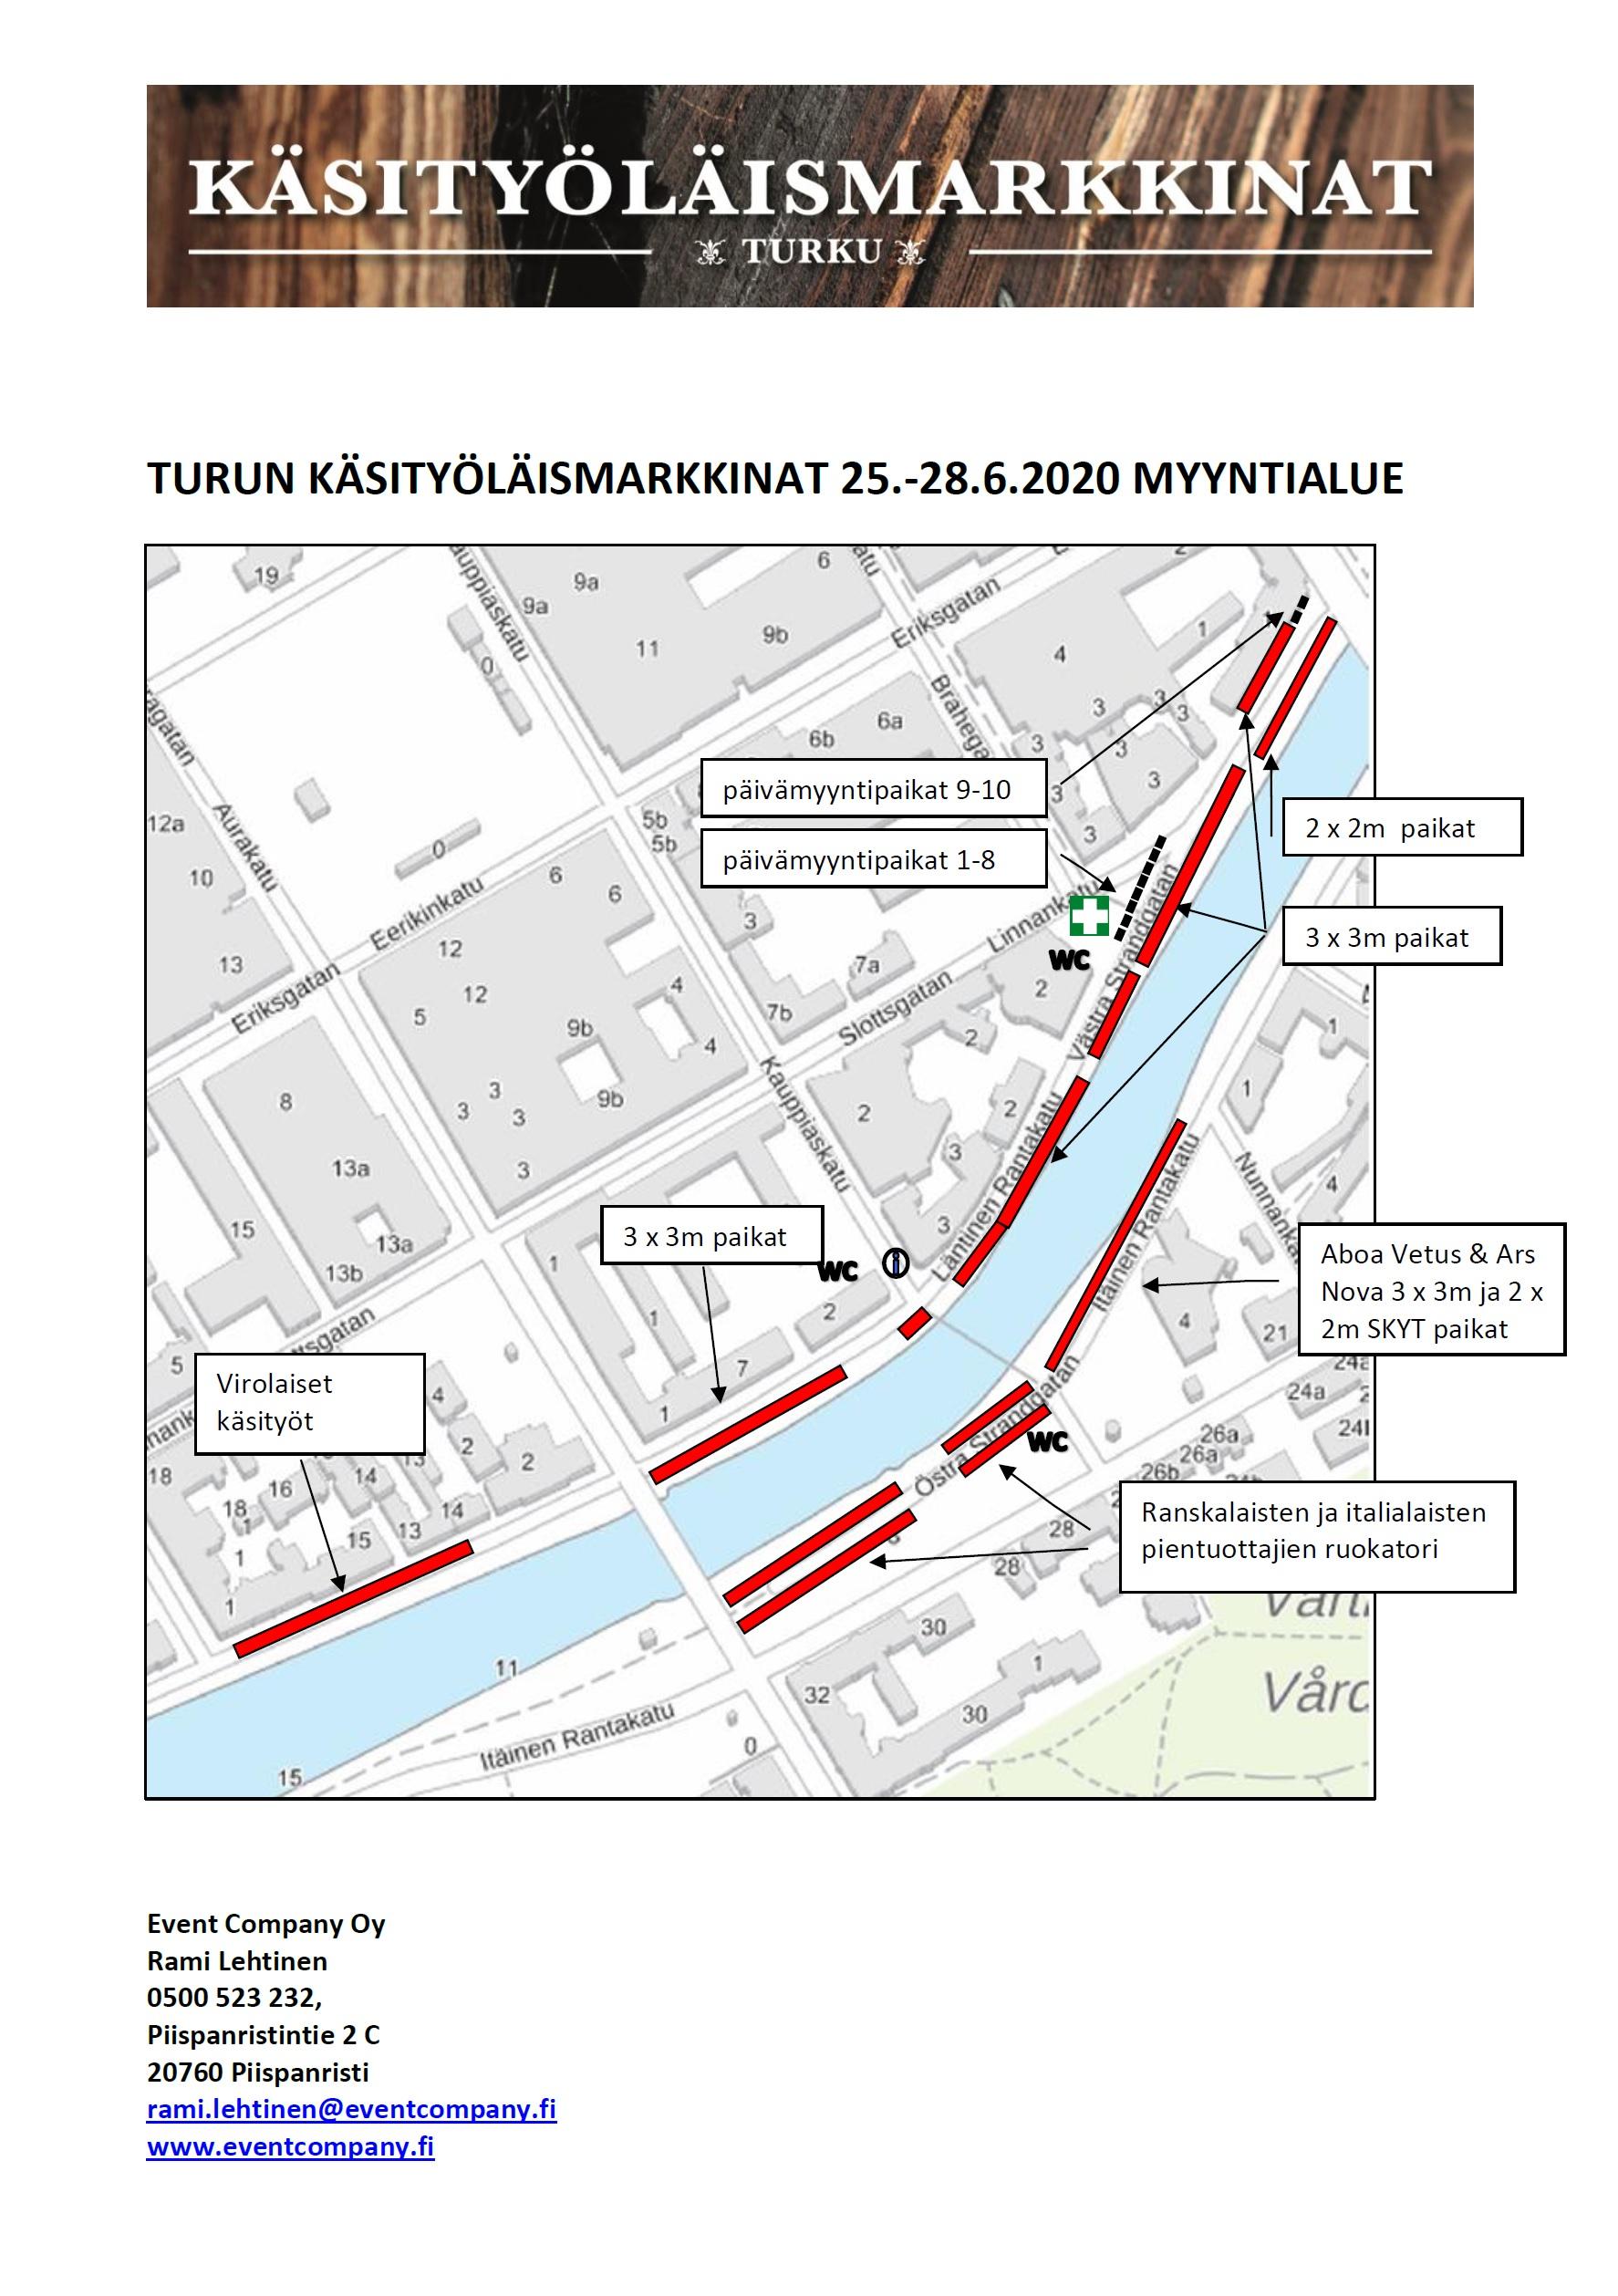 Kartta tapahtumaan Turun käsityöläismarkkinat 25.-28.6.2020